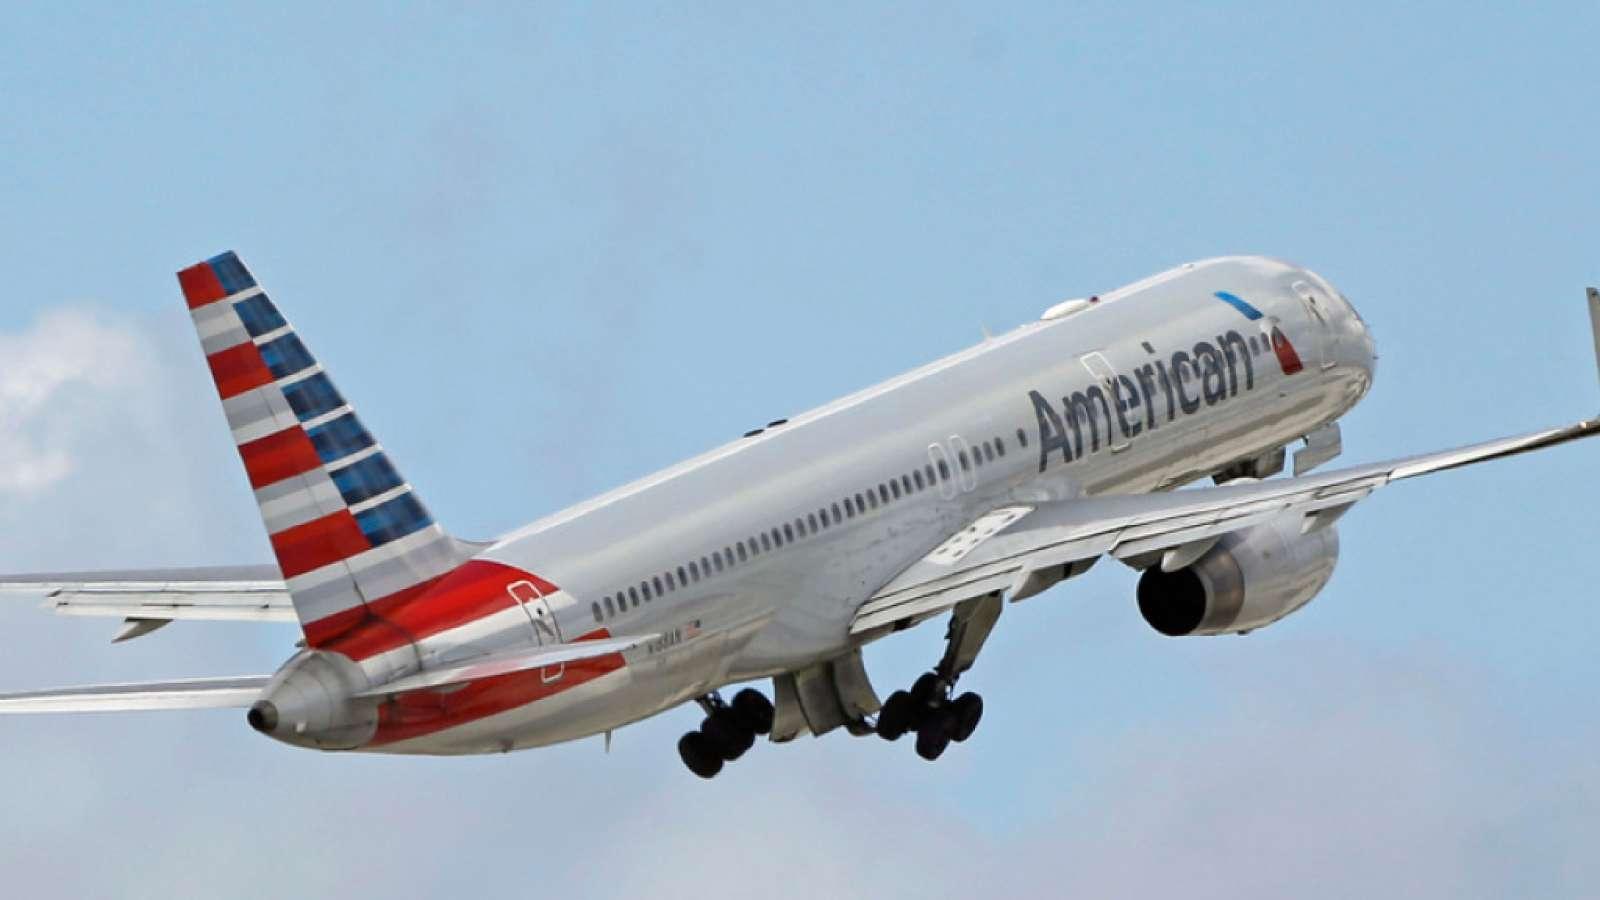 Die US-Fluggesellschaft American Airlines kommt nicht aus den Schlagzeilen heraus: Erneut kam es in einer Maschine der Gesellschaft zu einem Zwischenfall, bei dem ein Fluggast unfreundlich behandelt wurde. (Symbolbild)